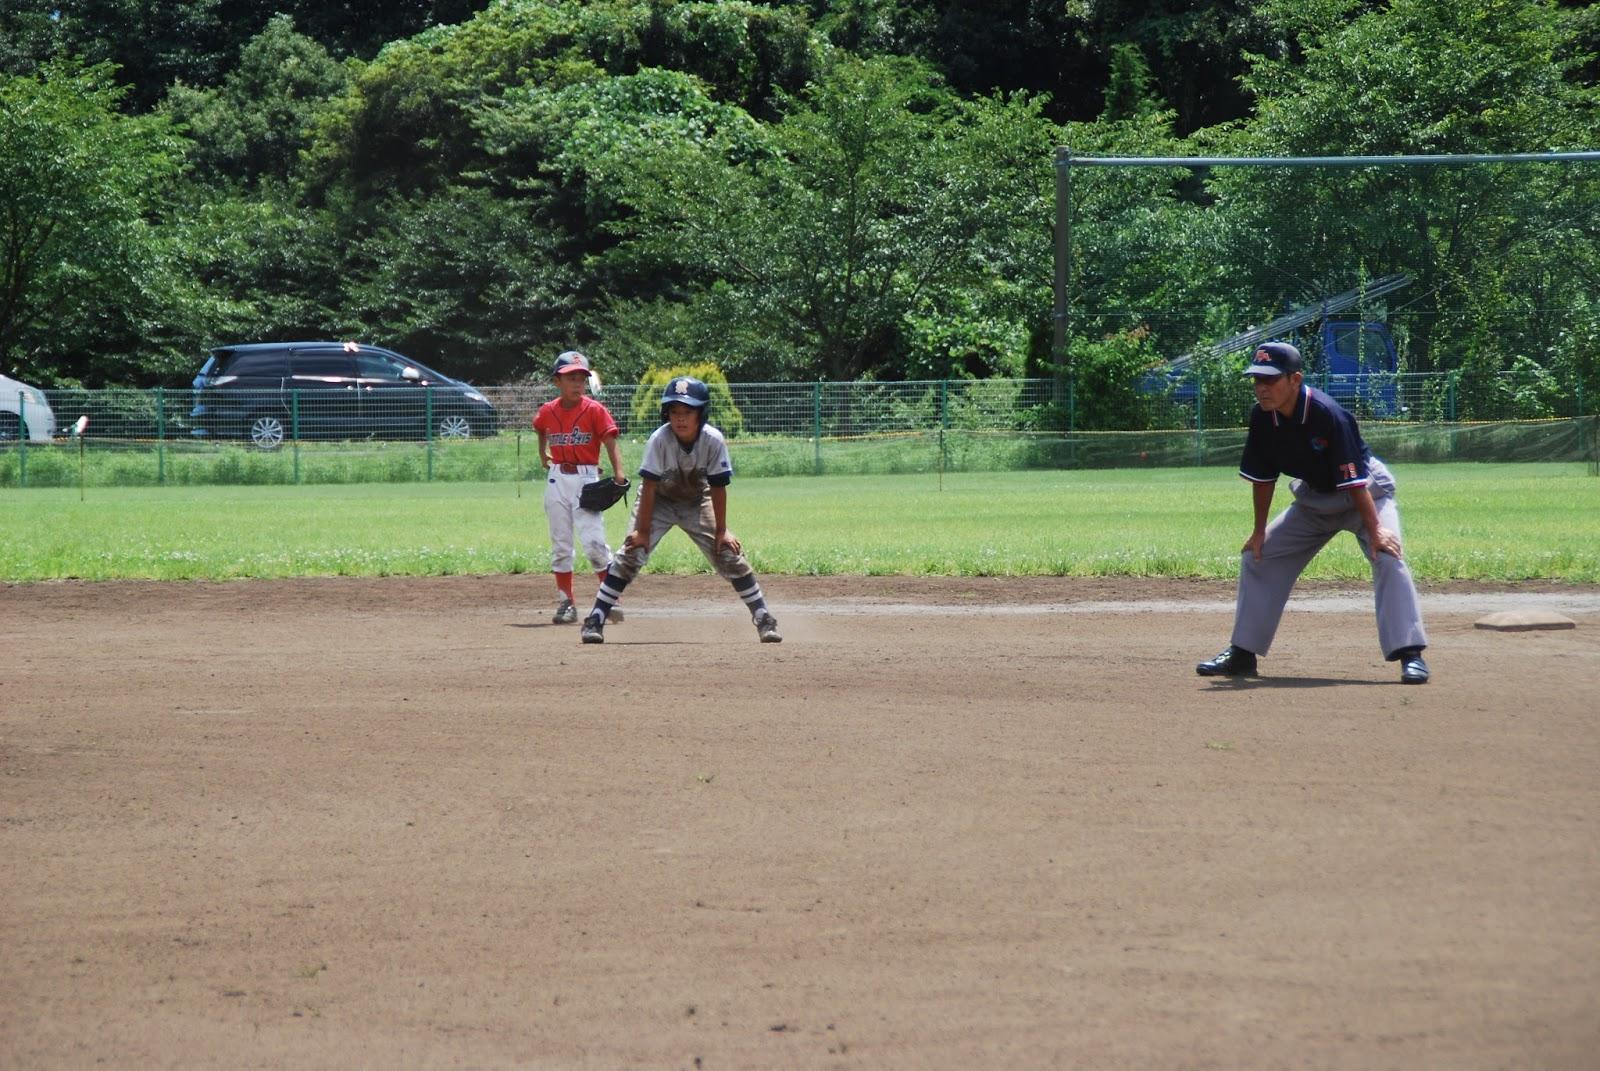 がんばれ!  綾南少年野球チーム